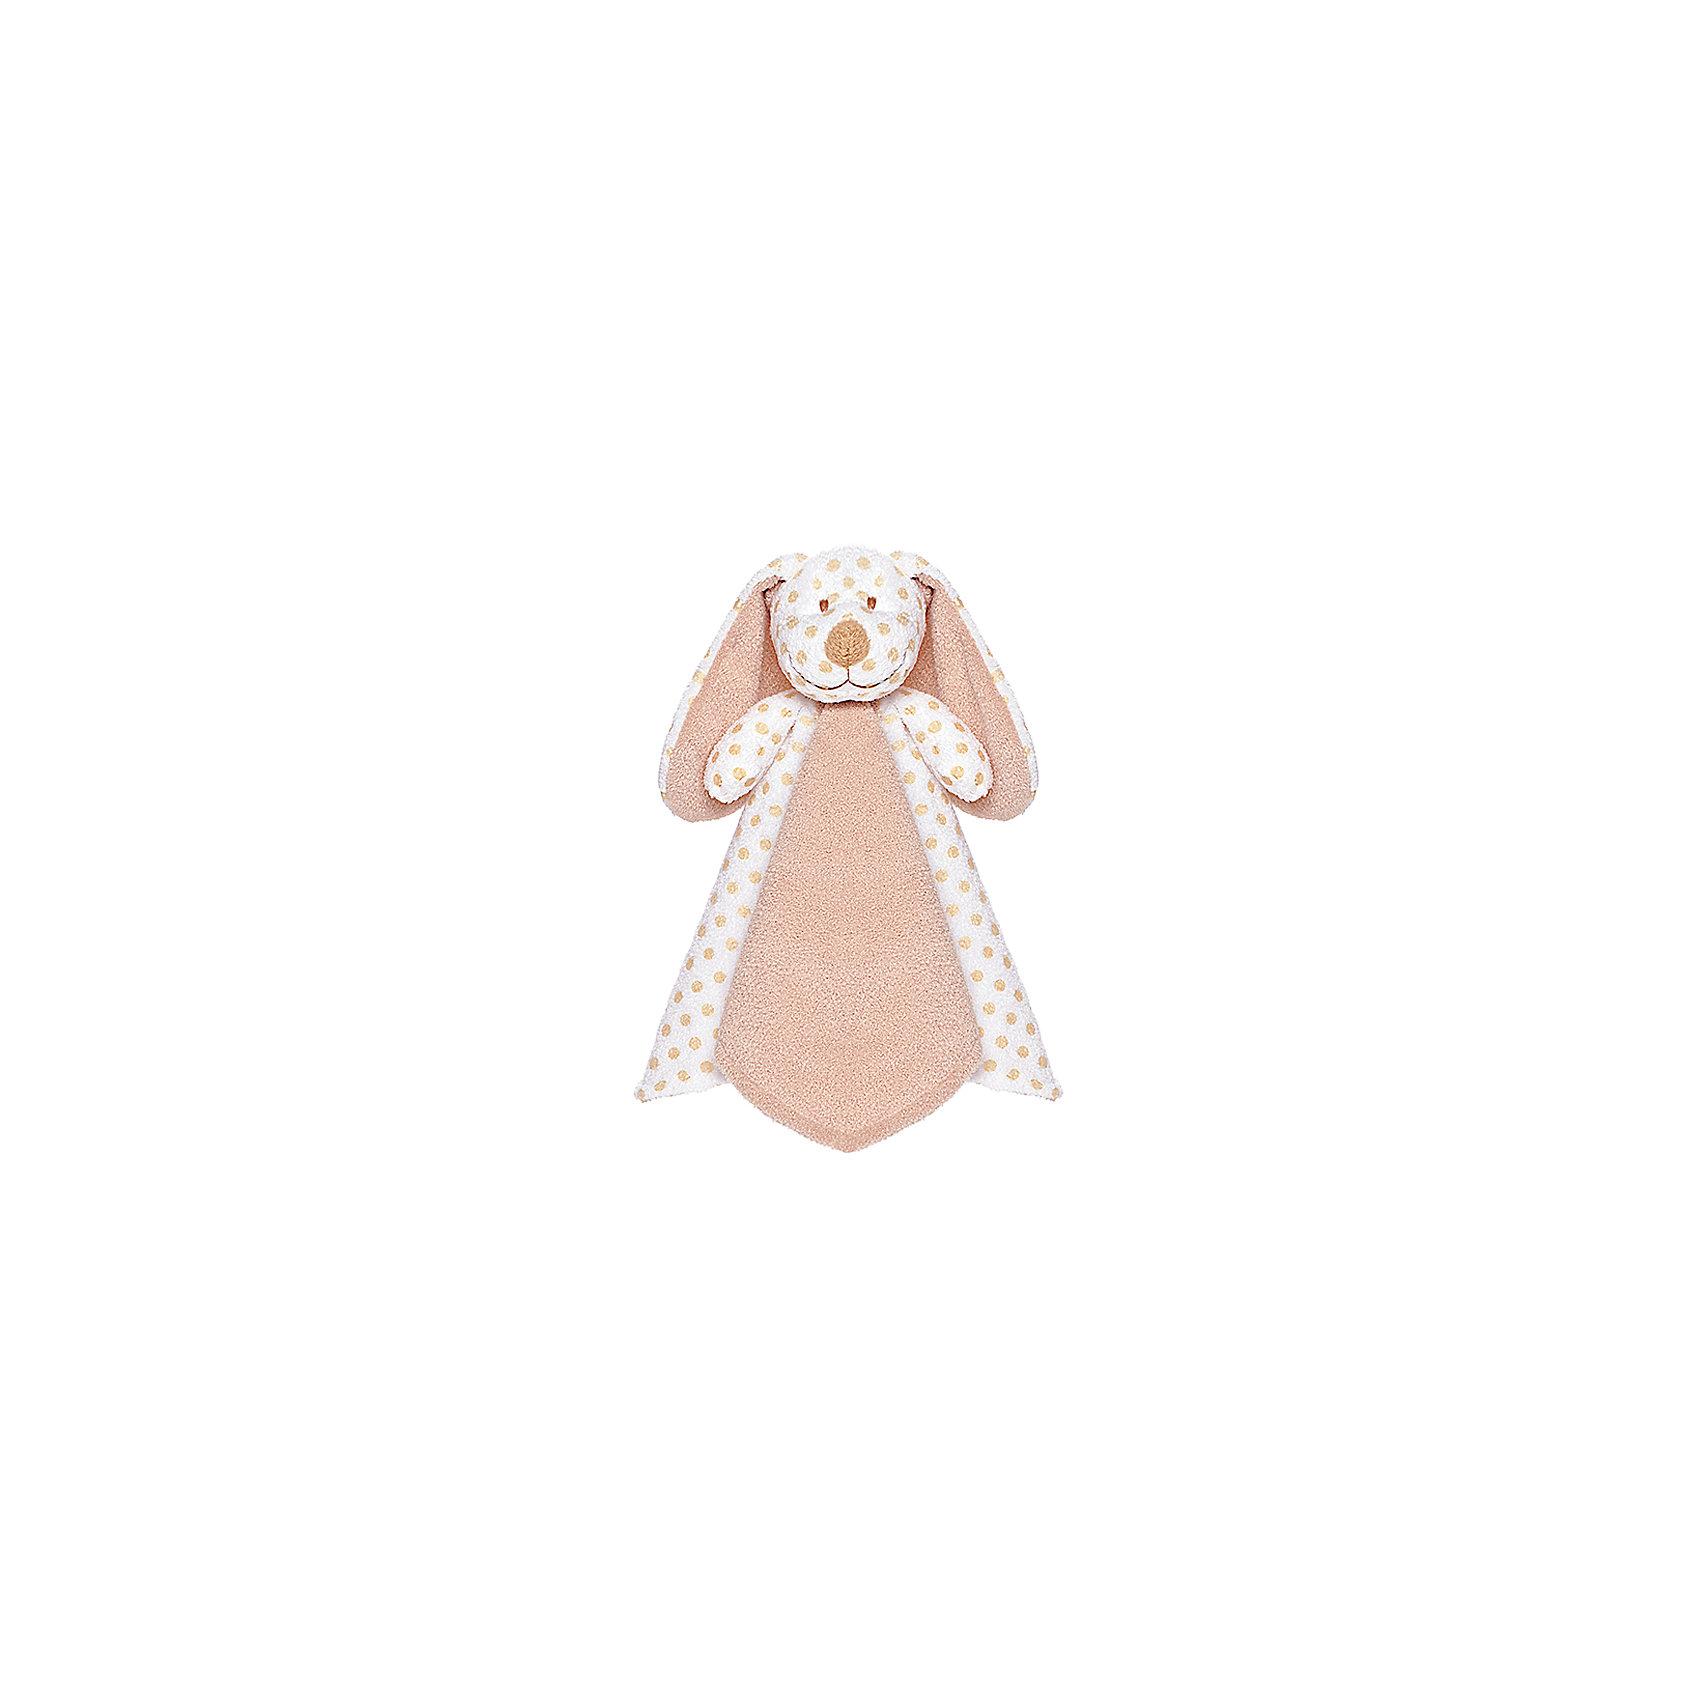 Платочек Собачка -  Большие ушки, Тедди бэби, TeddykompanietХарактеристики мягкой игрушки Teddykompaniet: <br><br>• размер платочка: 34х34 см;<br>• материал: 100% хлопок (безворсовый велюр);<br>• серия: Тедди бэби.<br><br>Мягкий платочек с игрушкой-собачкой «Большие ушки» в центре выполнен из гипоаллергенного текстиля. В разложенном виде имеет форму квадрата, мягкая игрушка-собачка находится в центре. В процессе игры с платочком у малыша развивается мелкая моторика пальчиков, тактильное и зрительное восприятие. <br><br>Платочек Собачка - Большие ушки, Тедди бэби, Teddykompaniet<br><br>Ширина мм: 350<br>Глубина мм: 350<br>Высота мм: 100<br>Вес г: 350<br>Возраст от месяцев: 0<br>Возраст до месяцев: 36<br>Пол: Унисекс<br>Возраст: Детский<br>SKU: 4903945